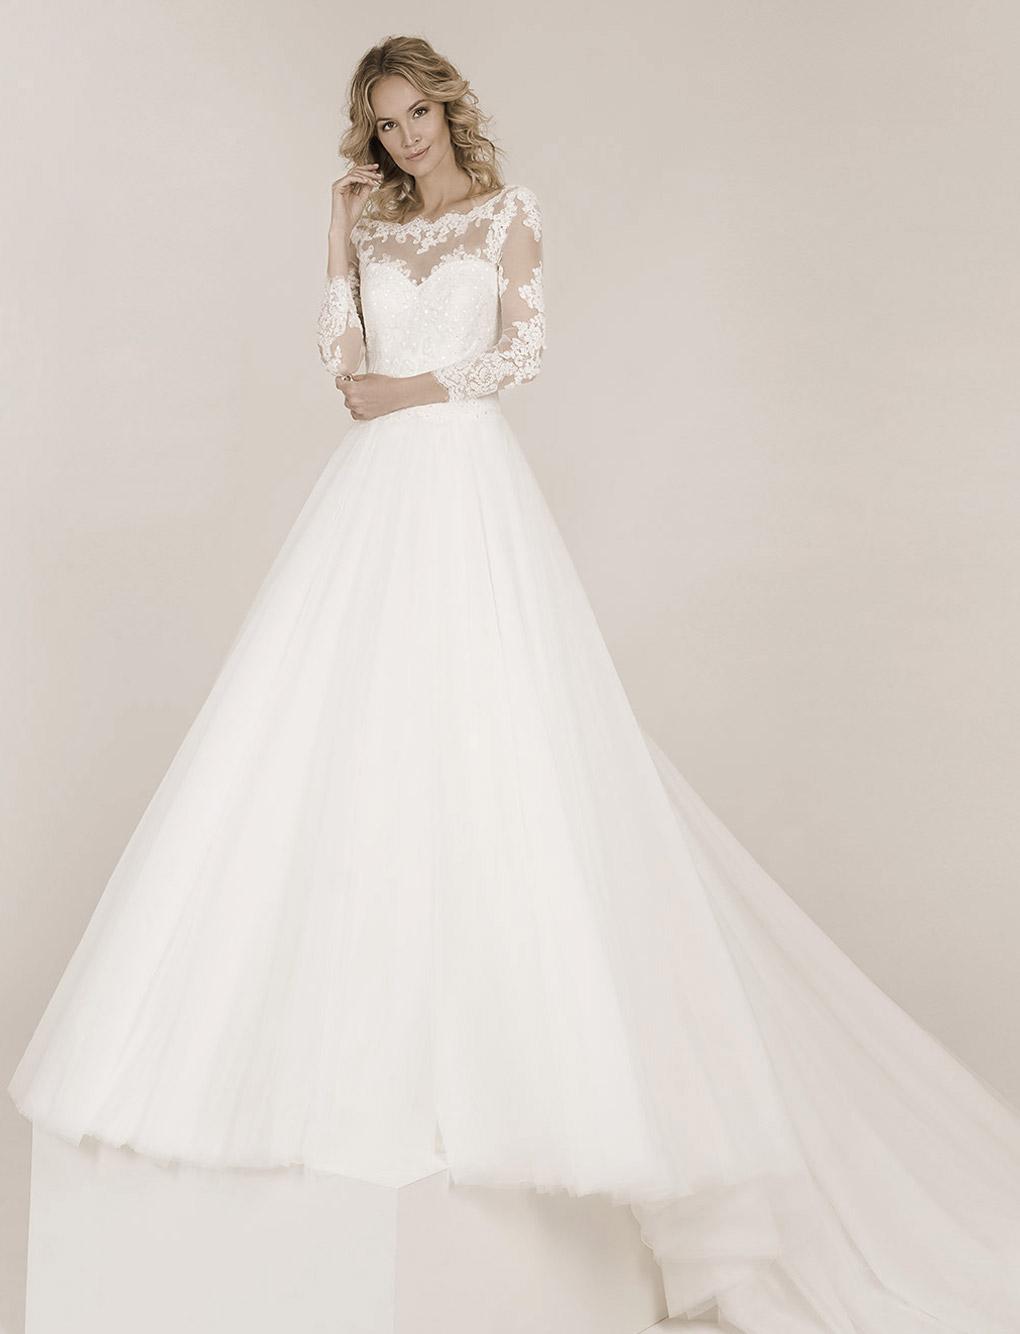 Frau trägt ein Frida Claire Hochzeitskleid mit langen Ärmel und einem weiten Tüllrock